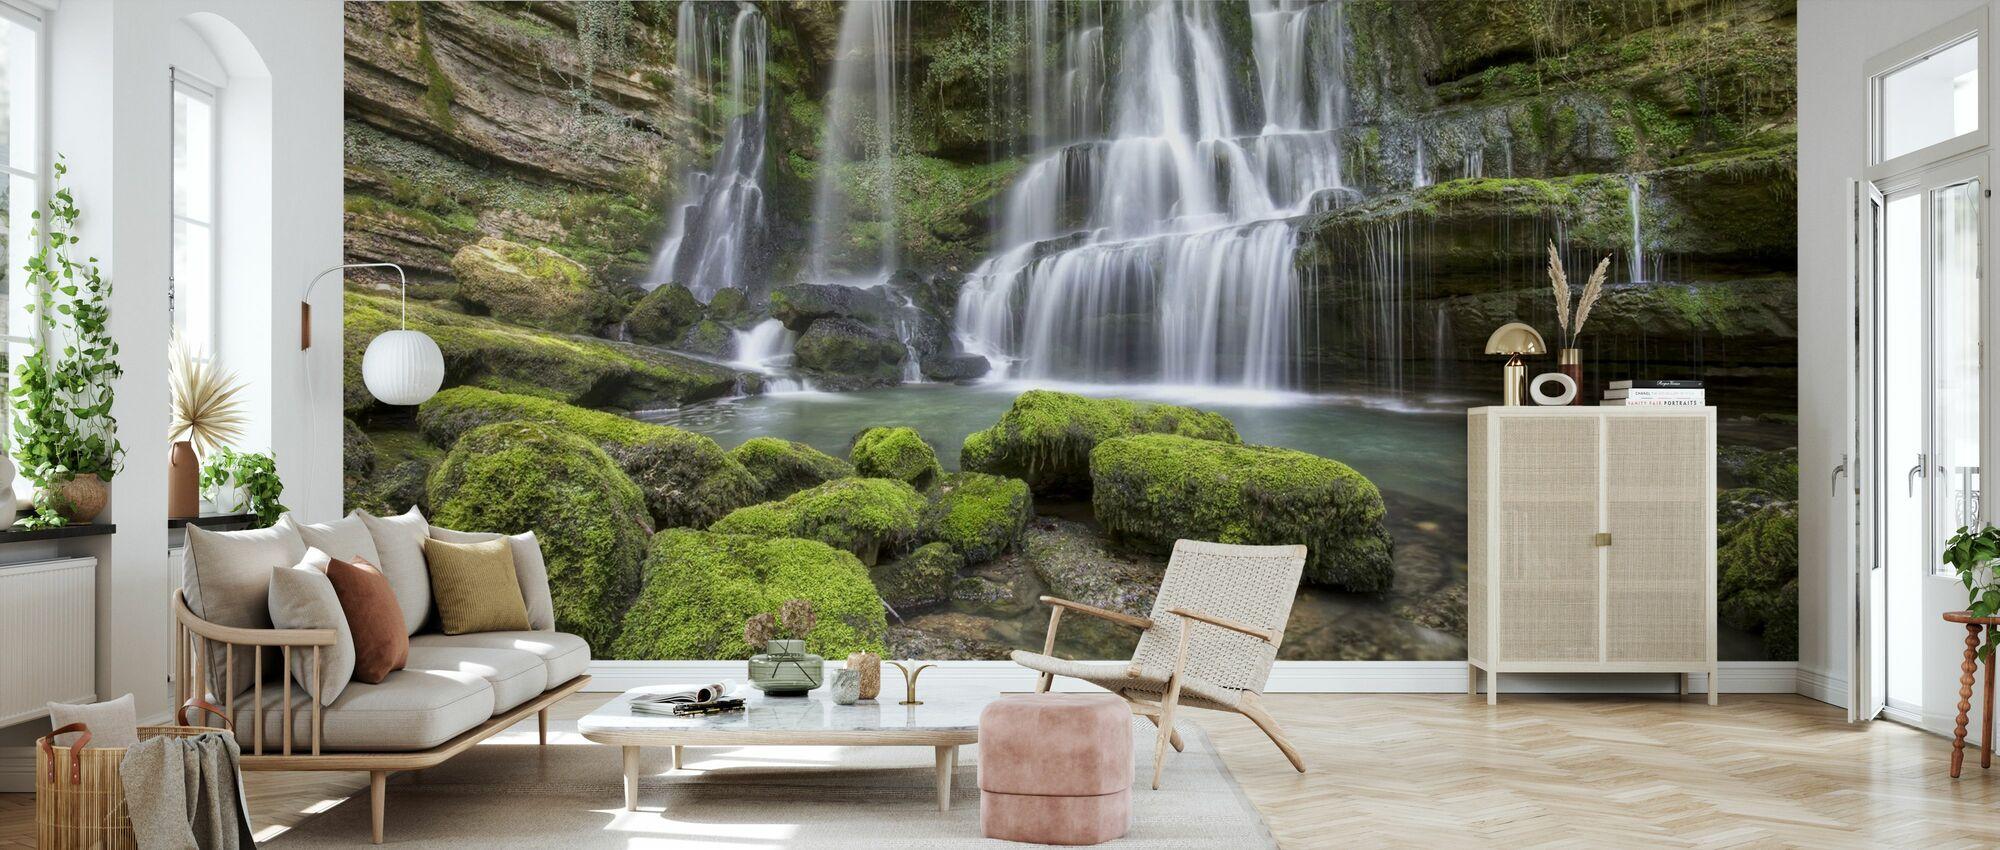 Waterfall of Verneau - Wallpaper - Living Room